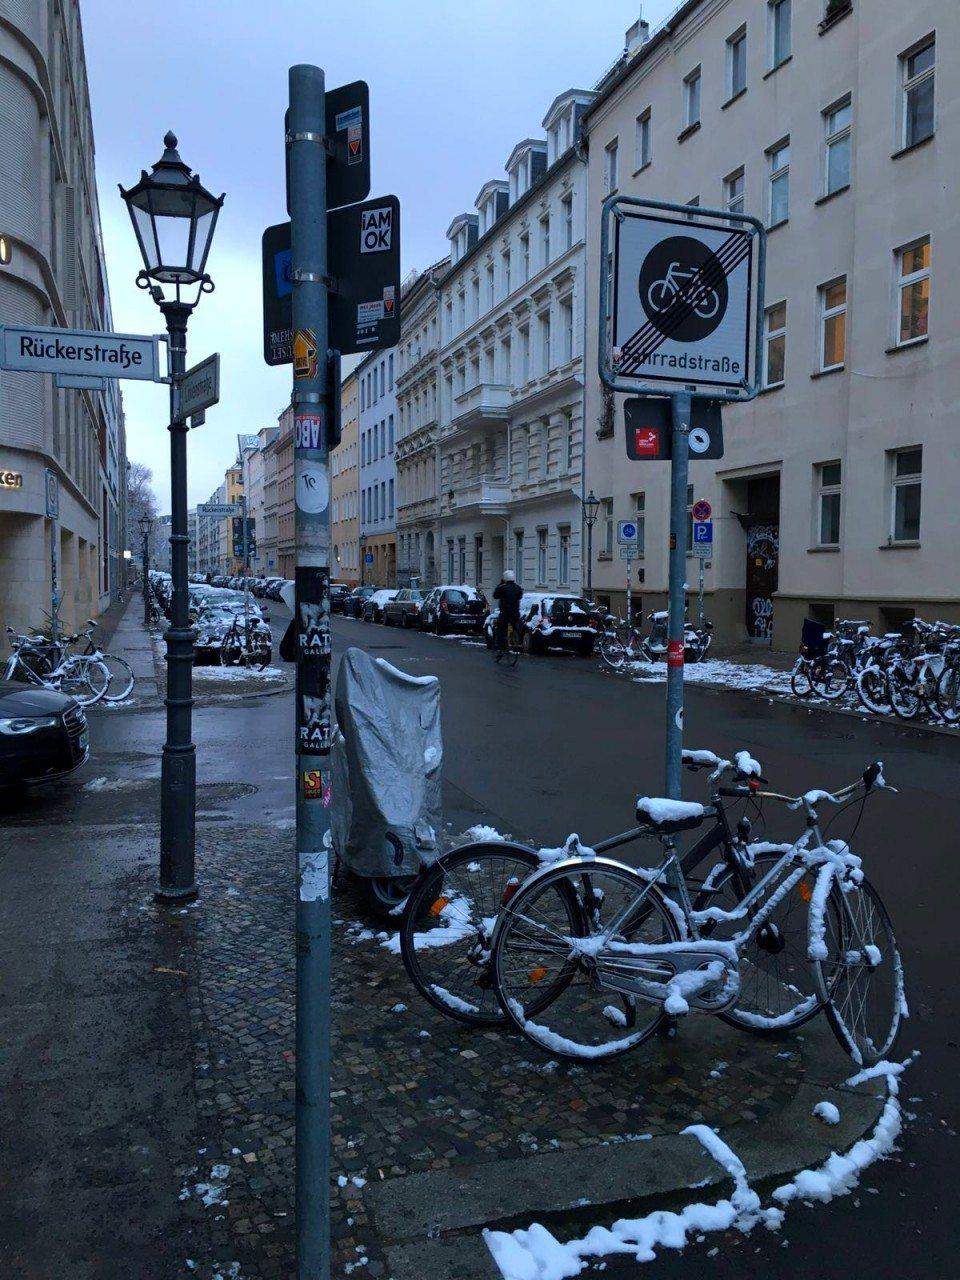 Rückerstraße. In Berlin-Mitte